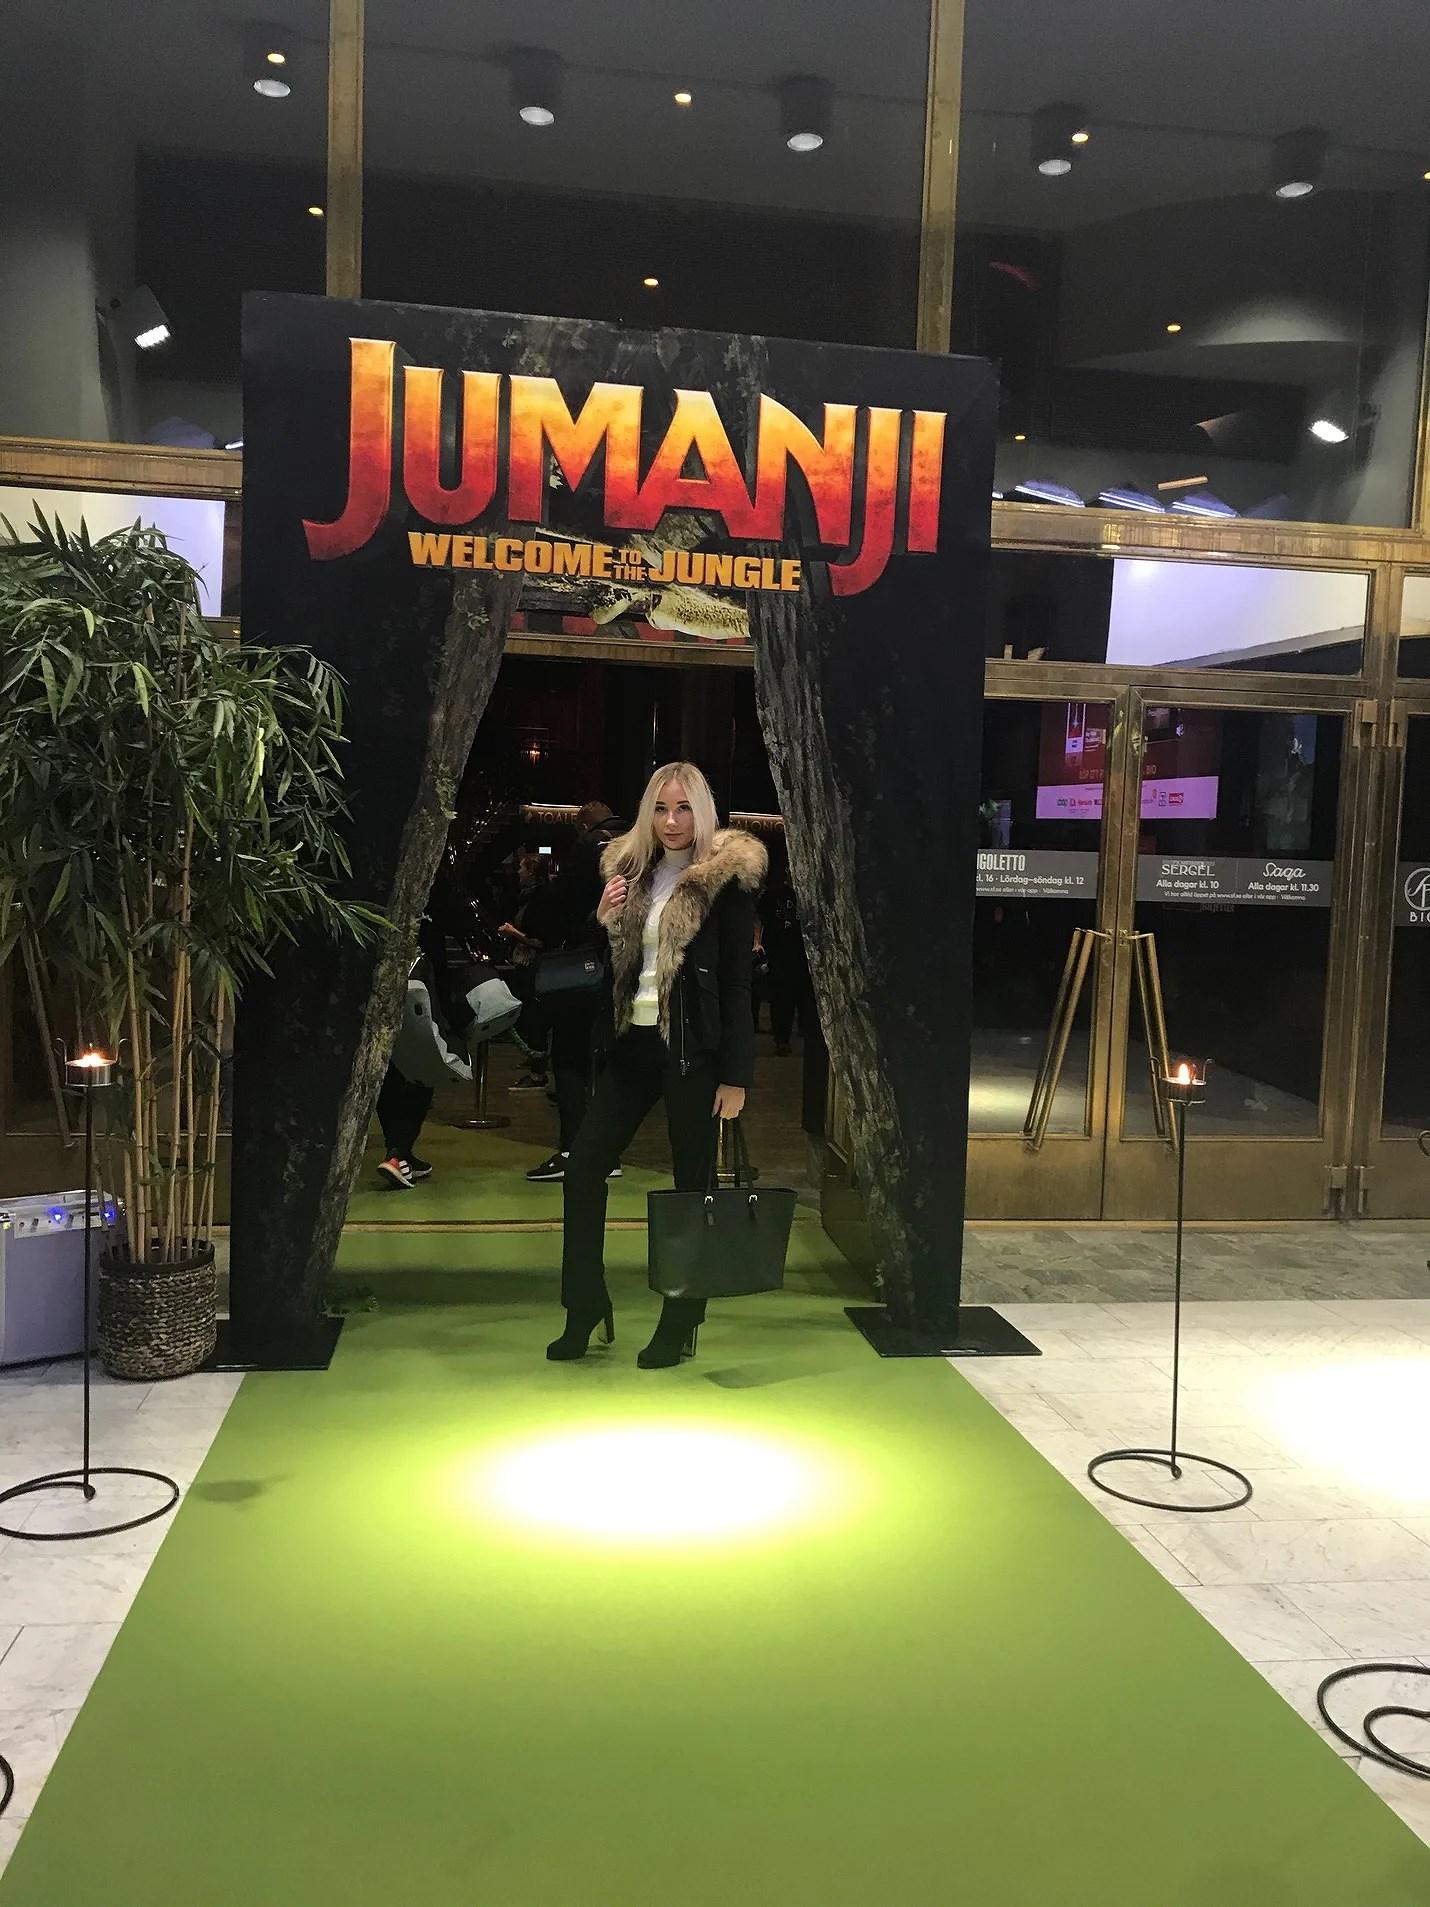 Världspremiär av filmen Jumanji